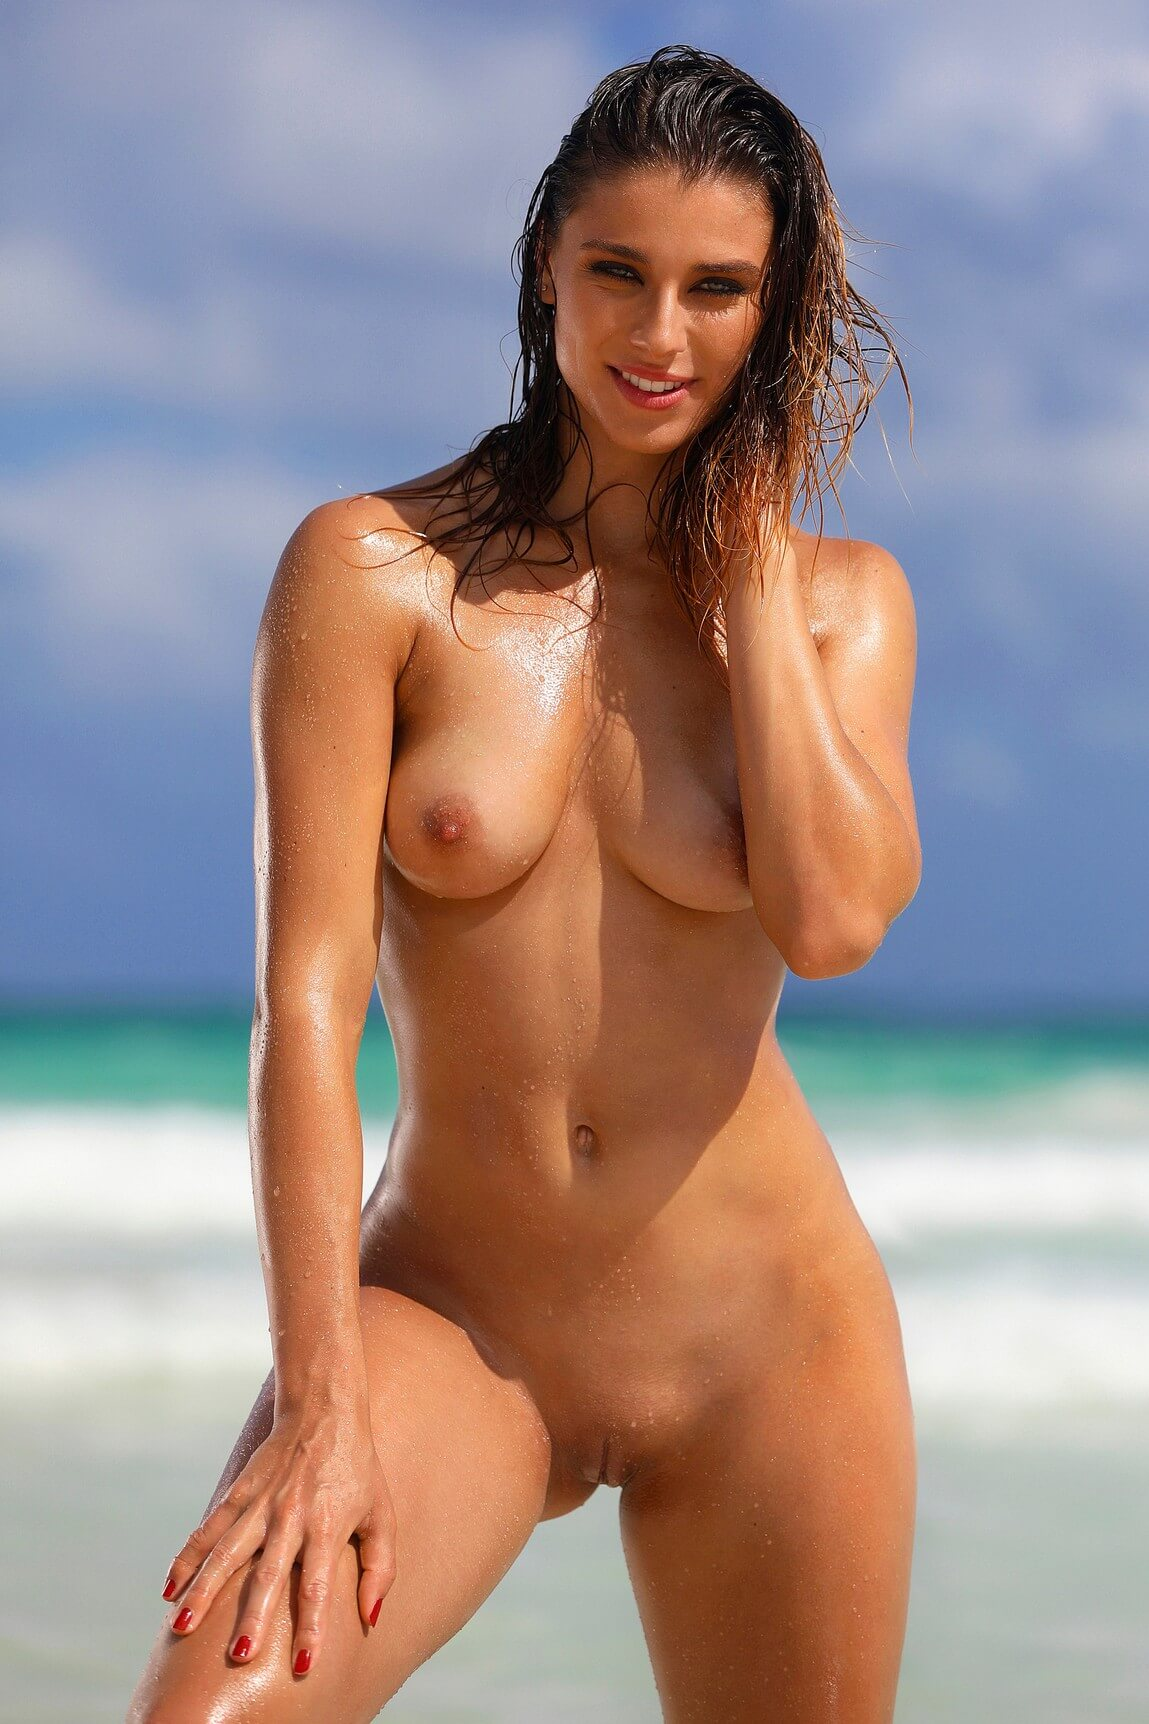 Nude playboy model Celebrities who